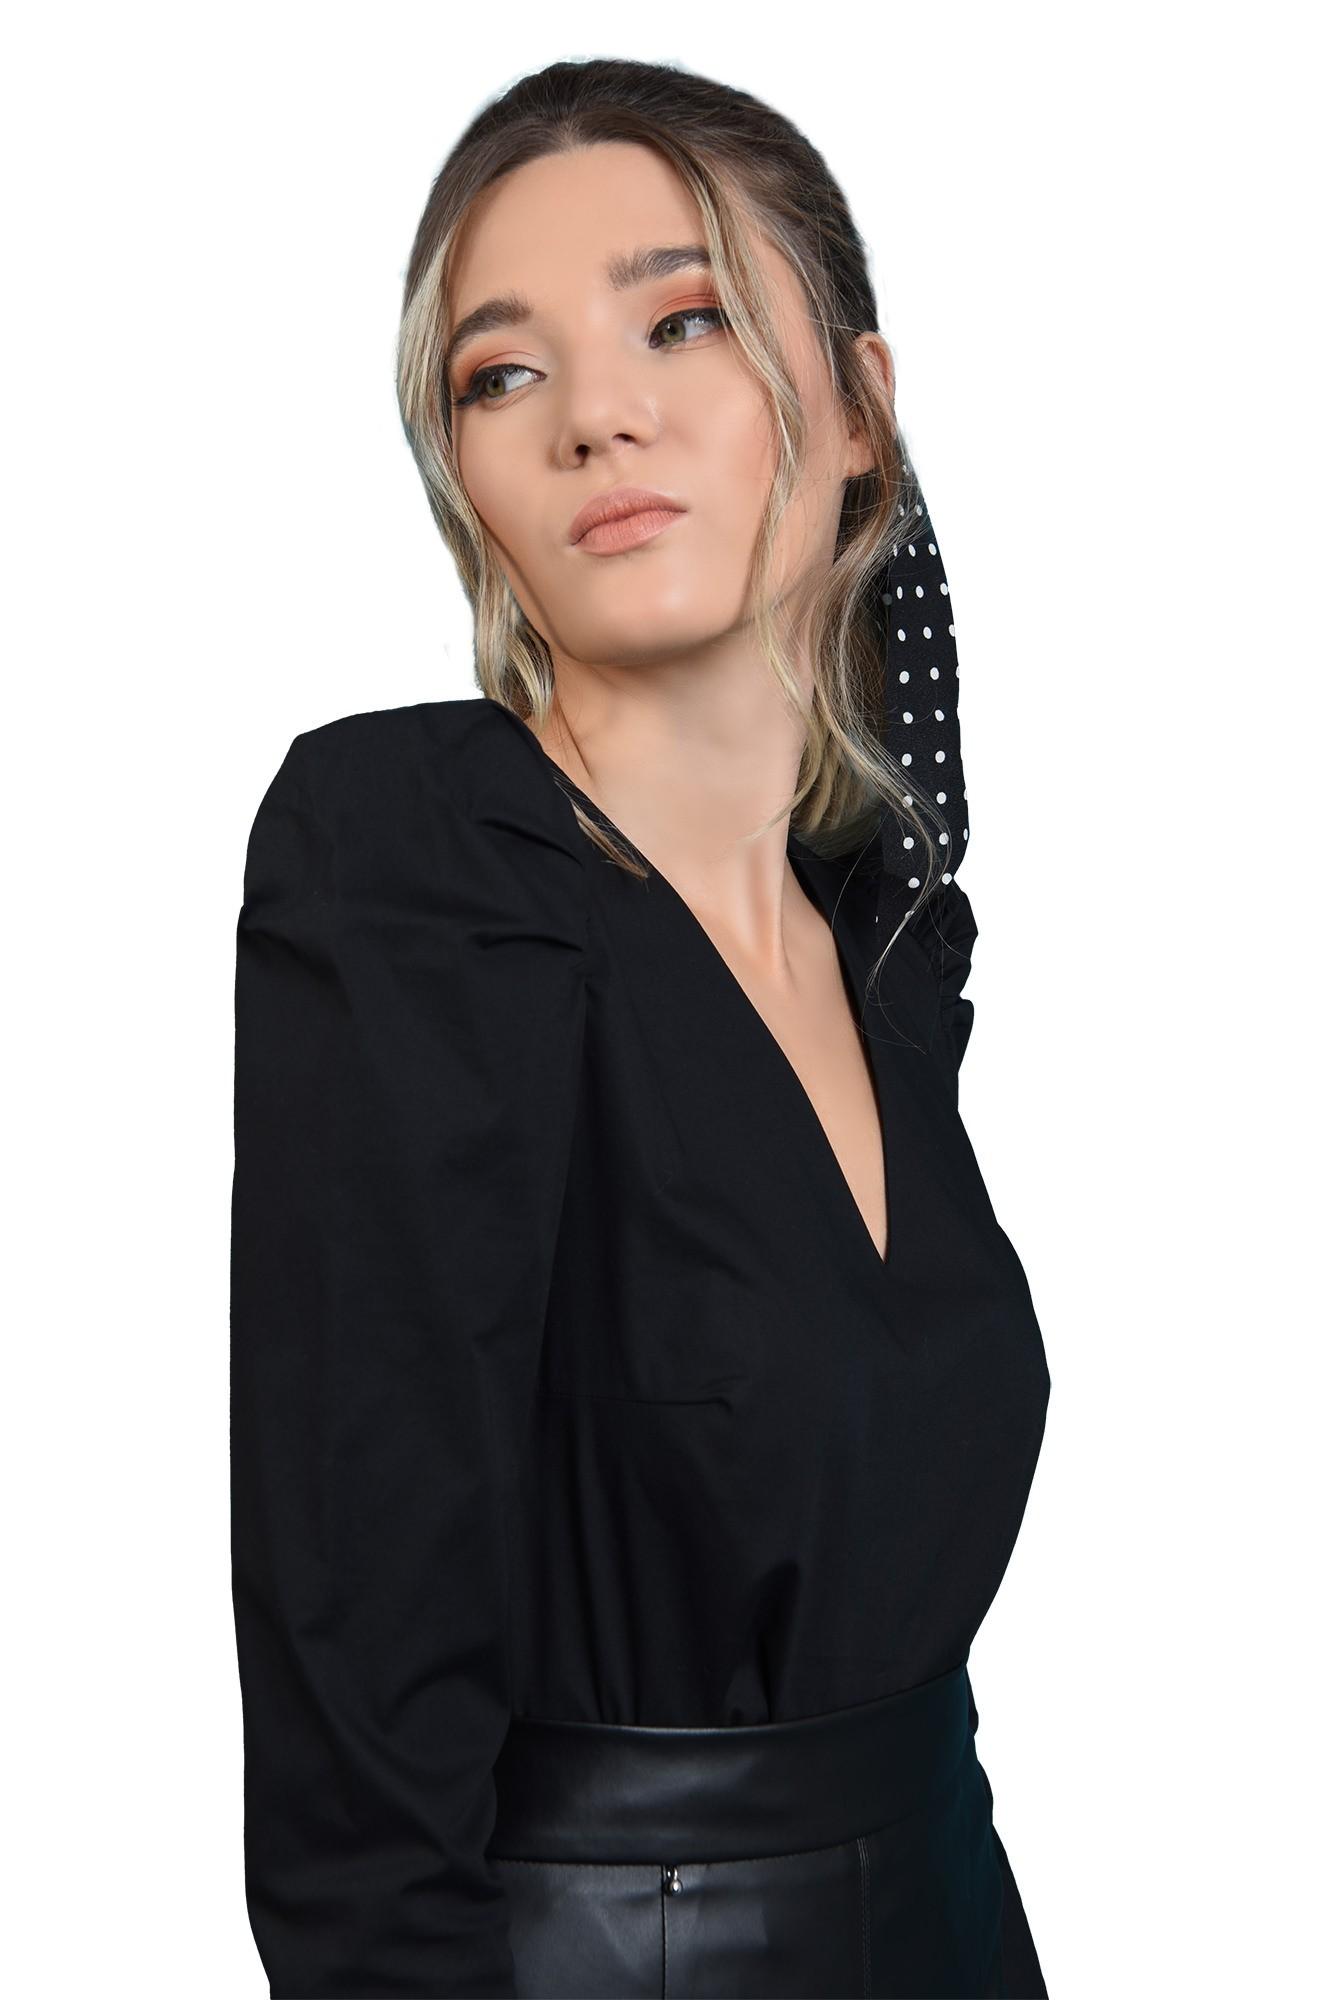 360 - bluza casual, neagra, cu maneca lunga, cu decolteu in V